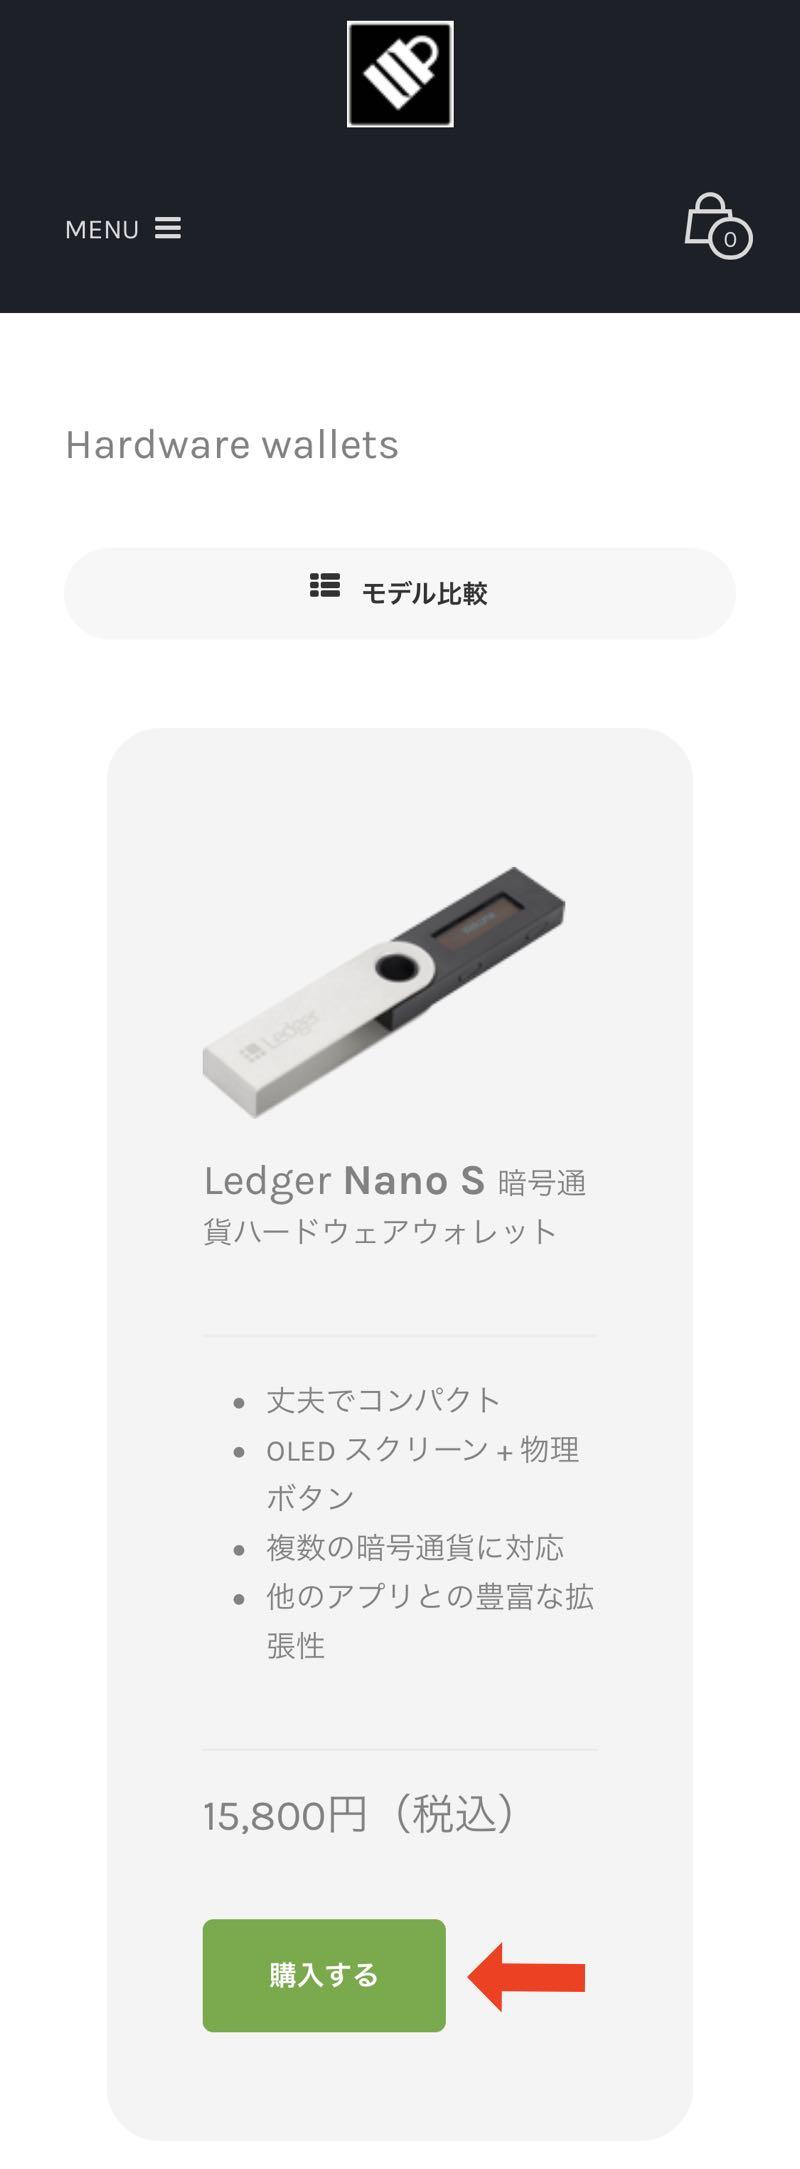 Ledger nano S(レジャーナノS)を日本代理店で購入